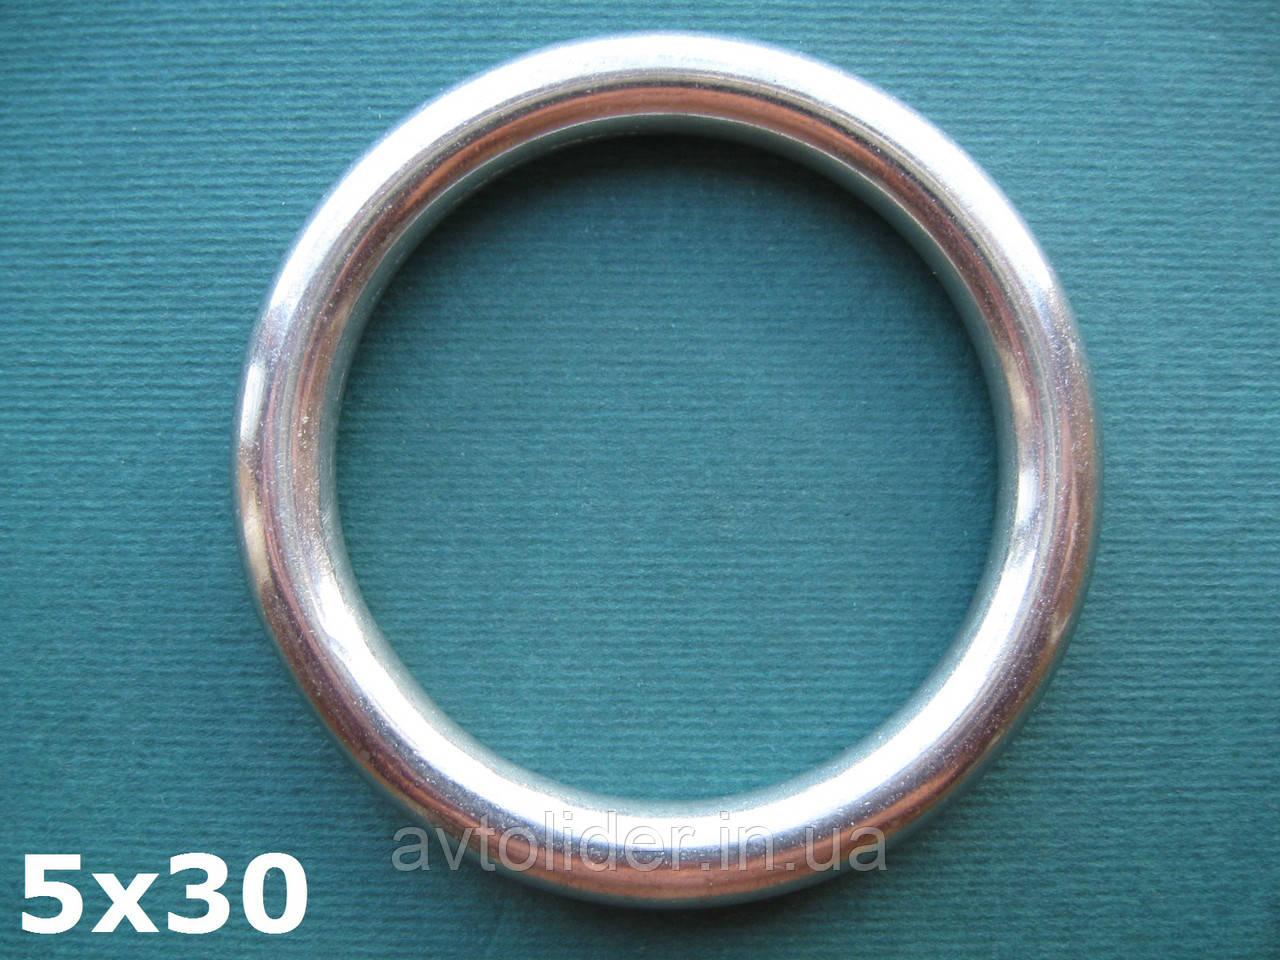 Нержавеющее кольцо 5х30, фото 1